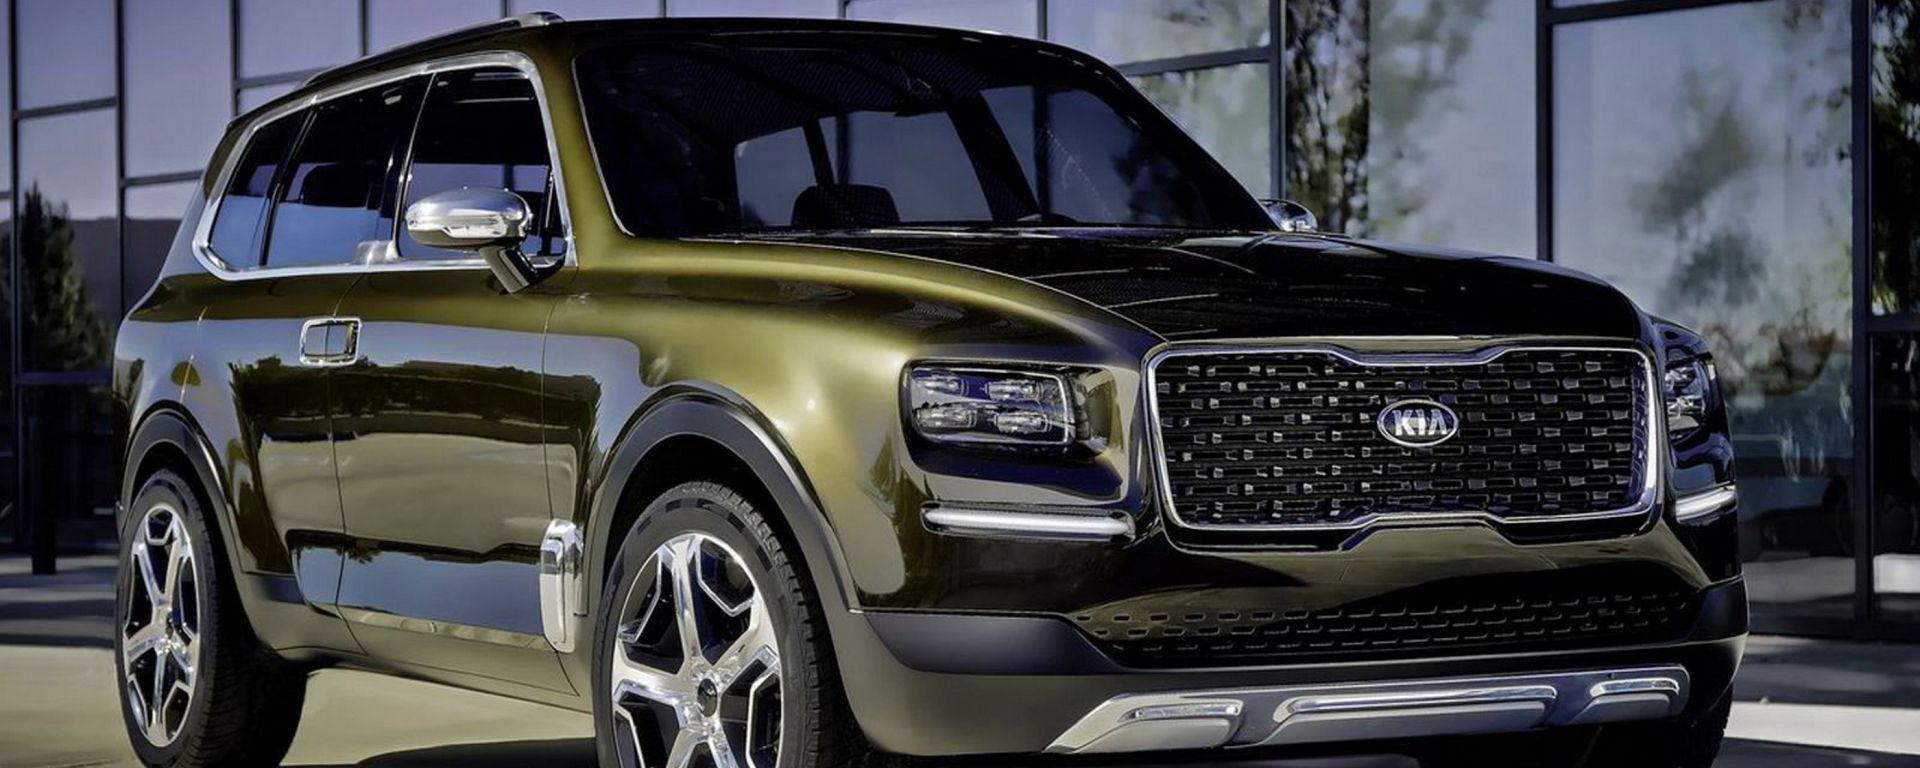 Kia Telluride: il modello di serie potrebbe arrivare già nel 2020